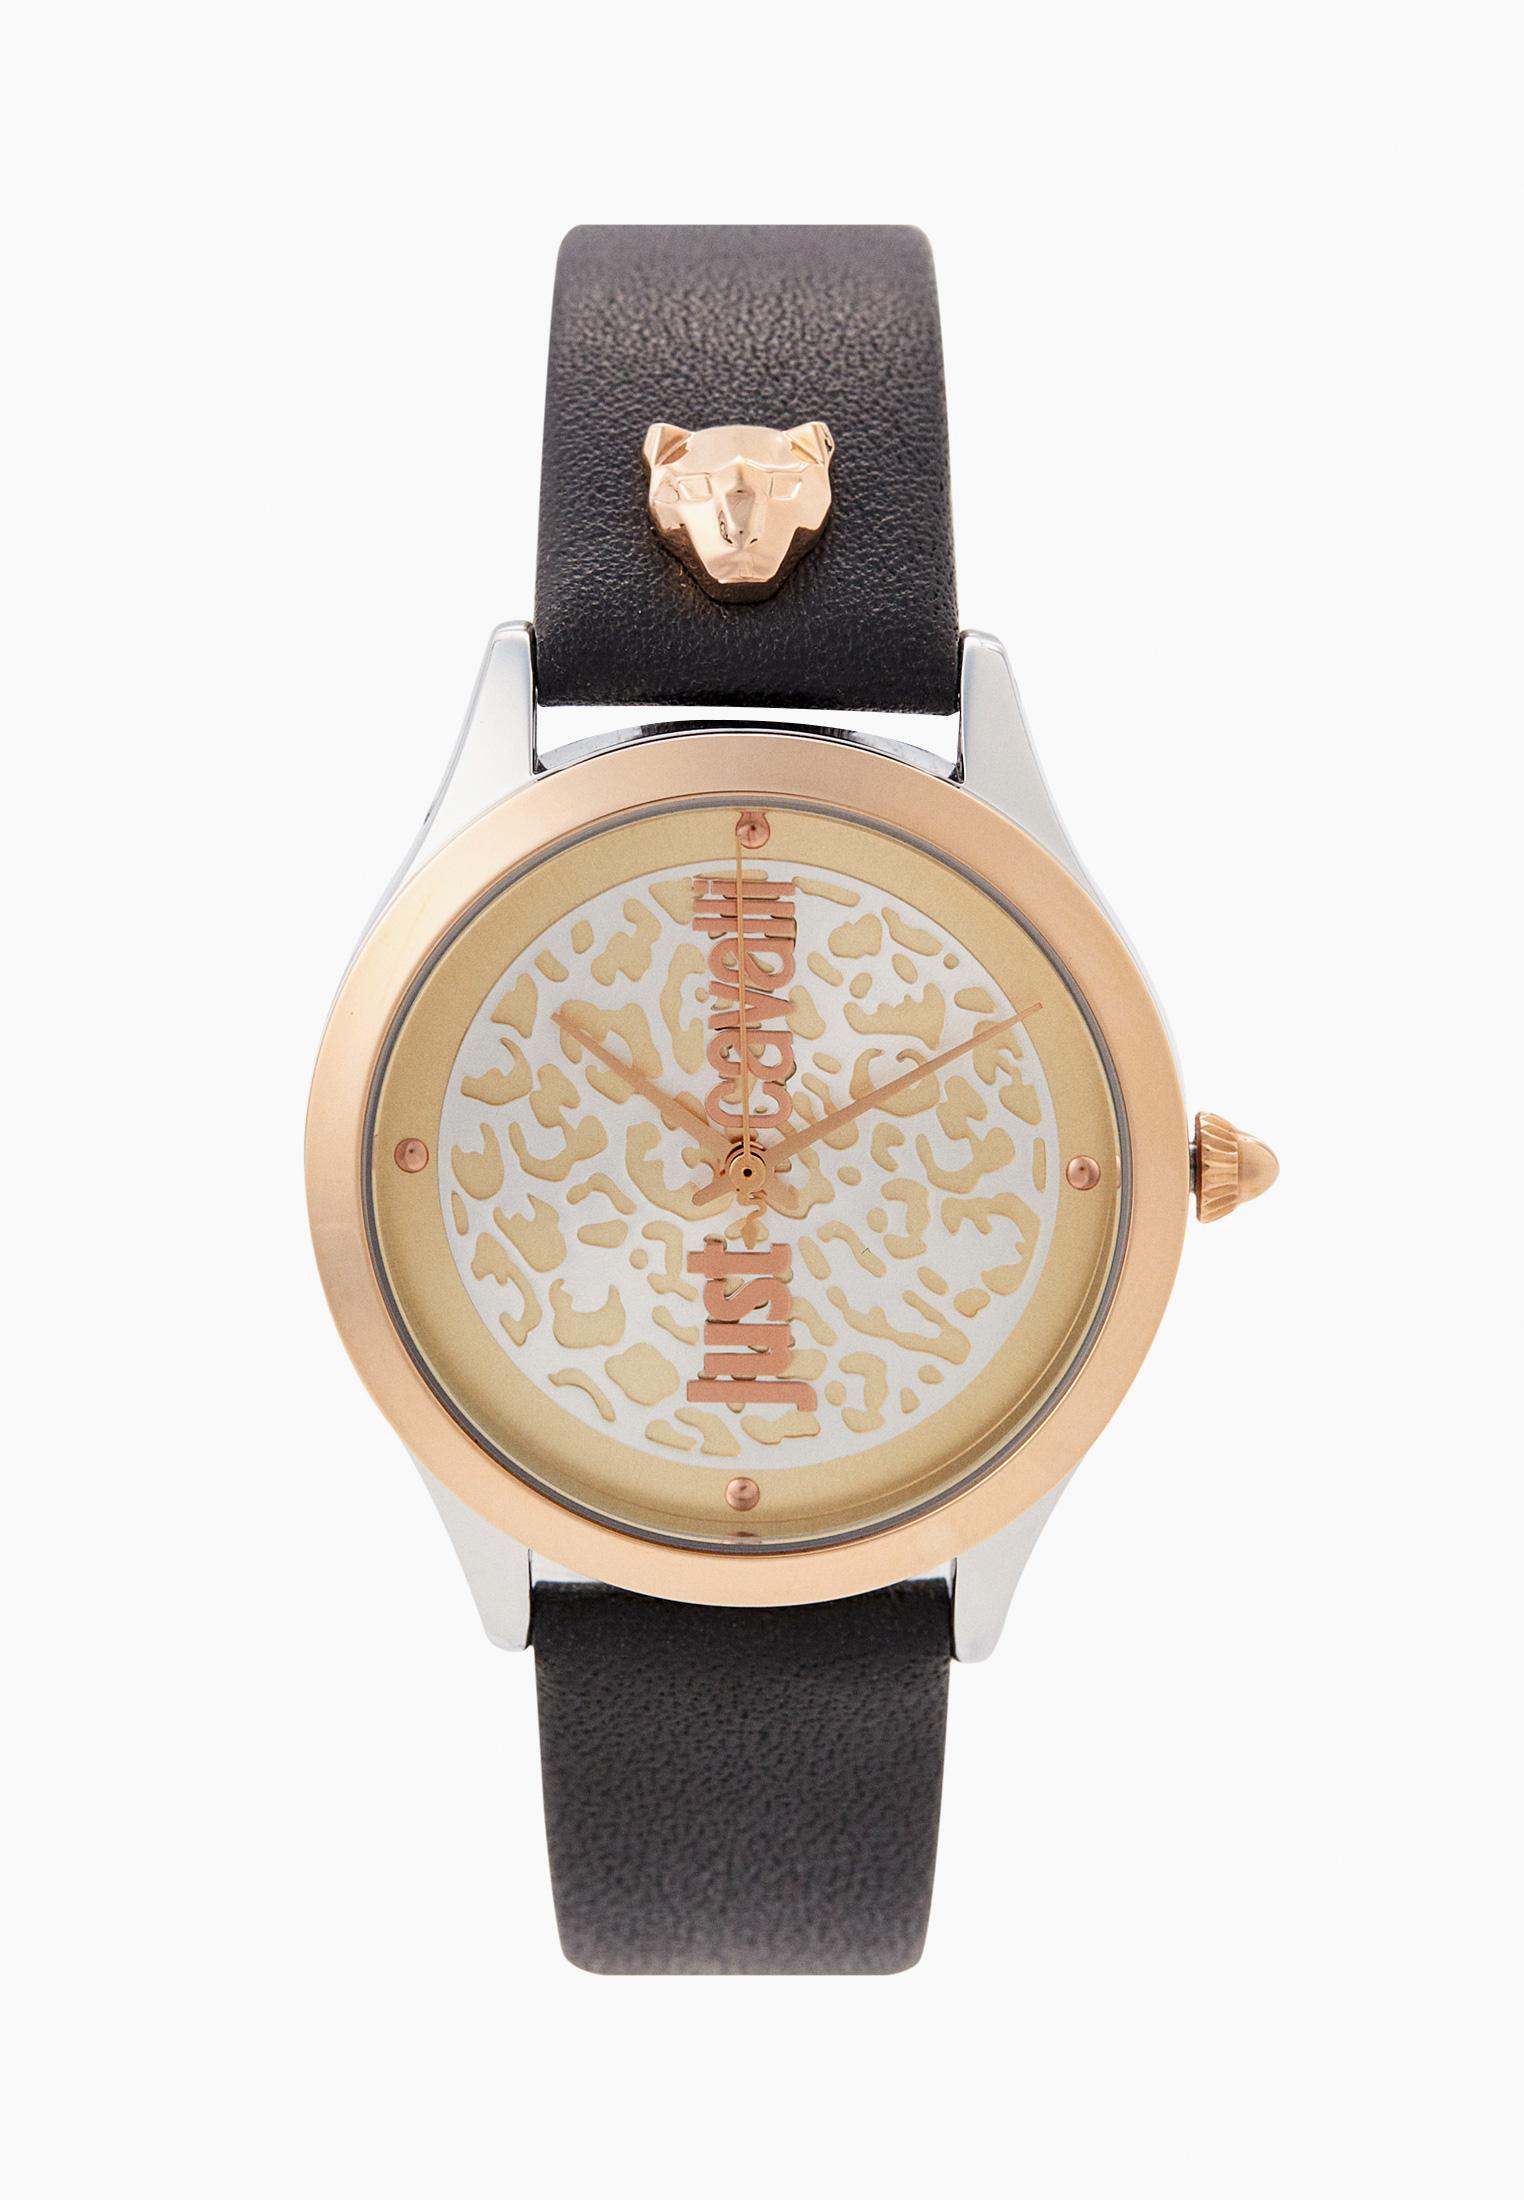 Часы Just Cavalli (Джаст Кавалли) Часы Just Cavalli